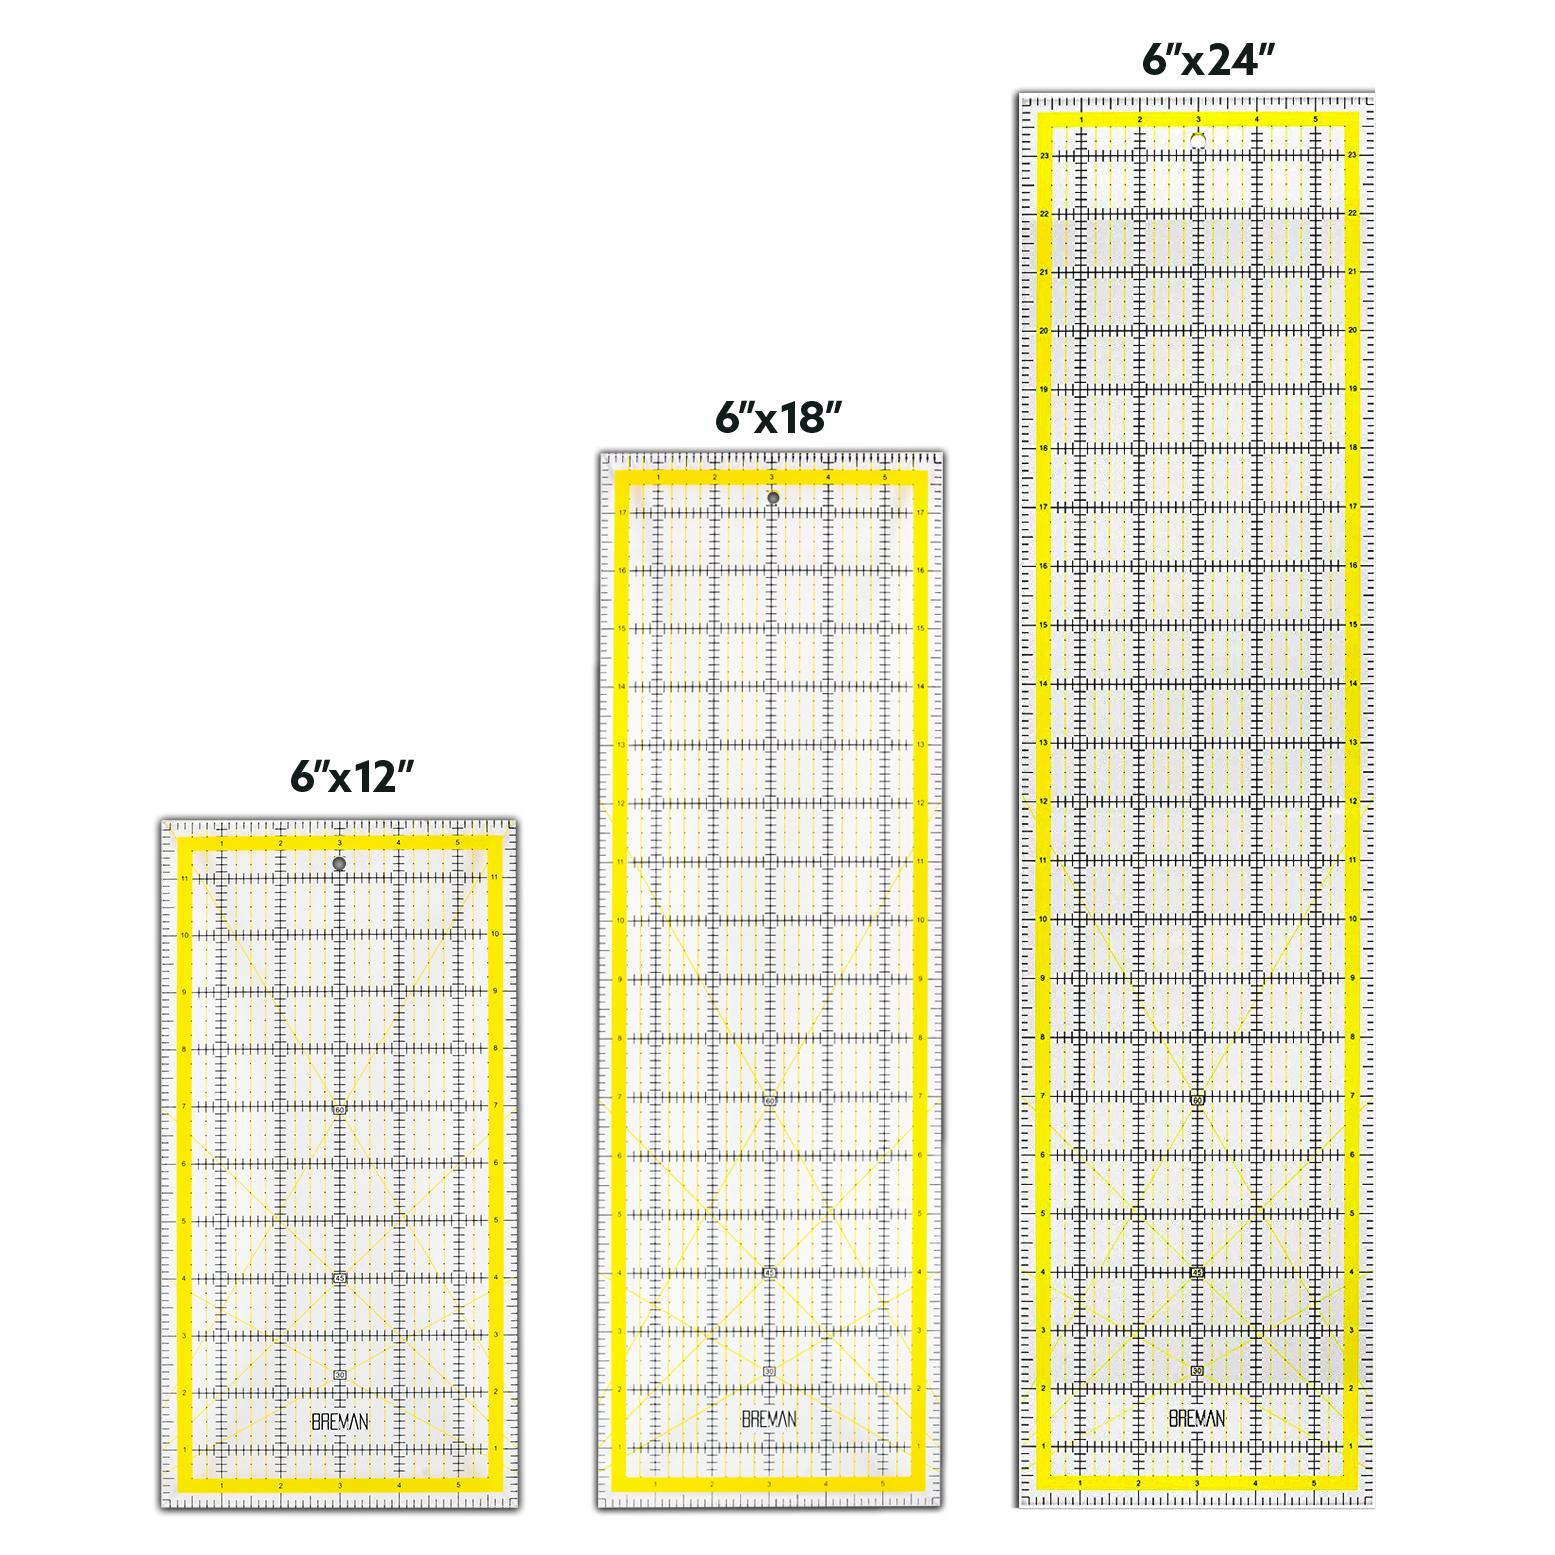 W.A. Portman Acrylic Quilting Ruler (6x12, 6x18, 6x24)